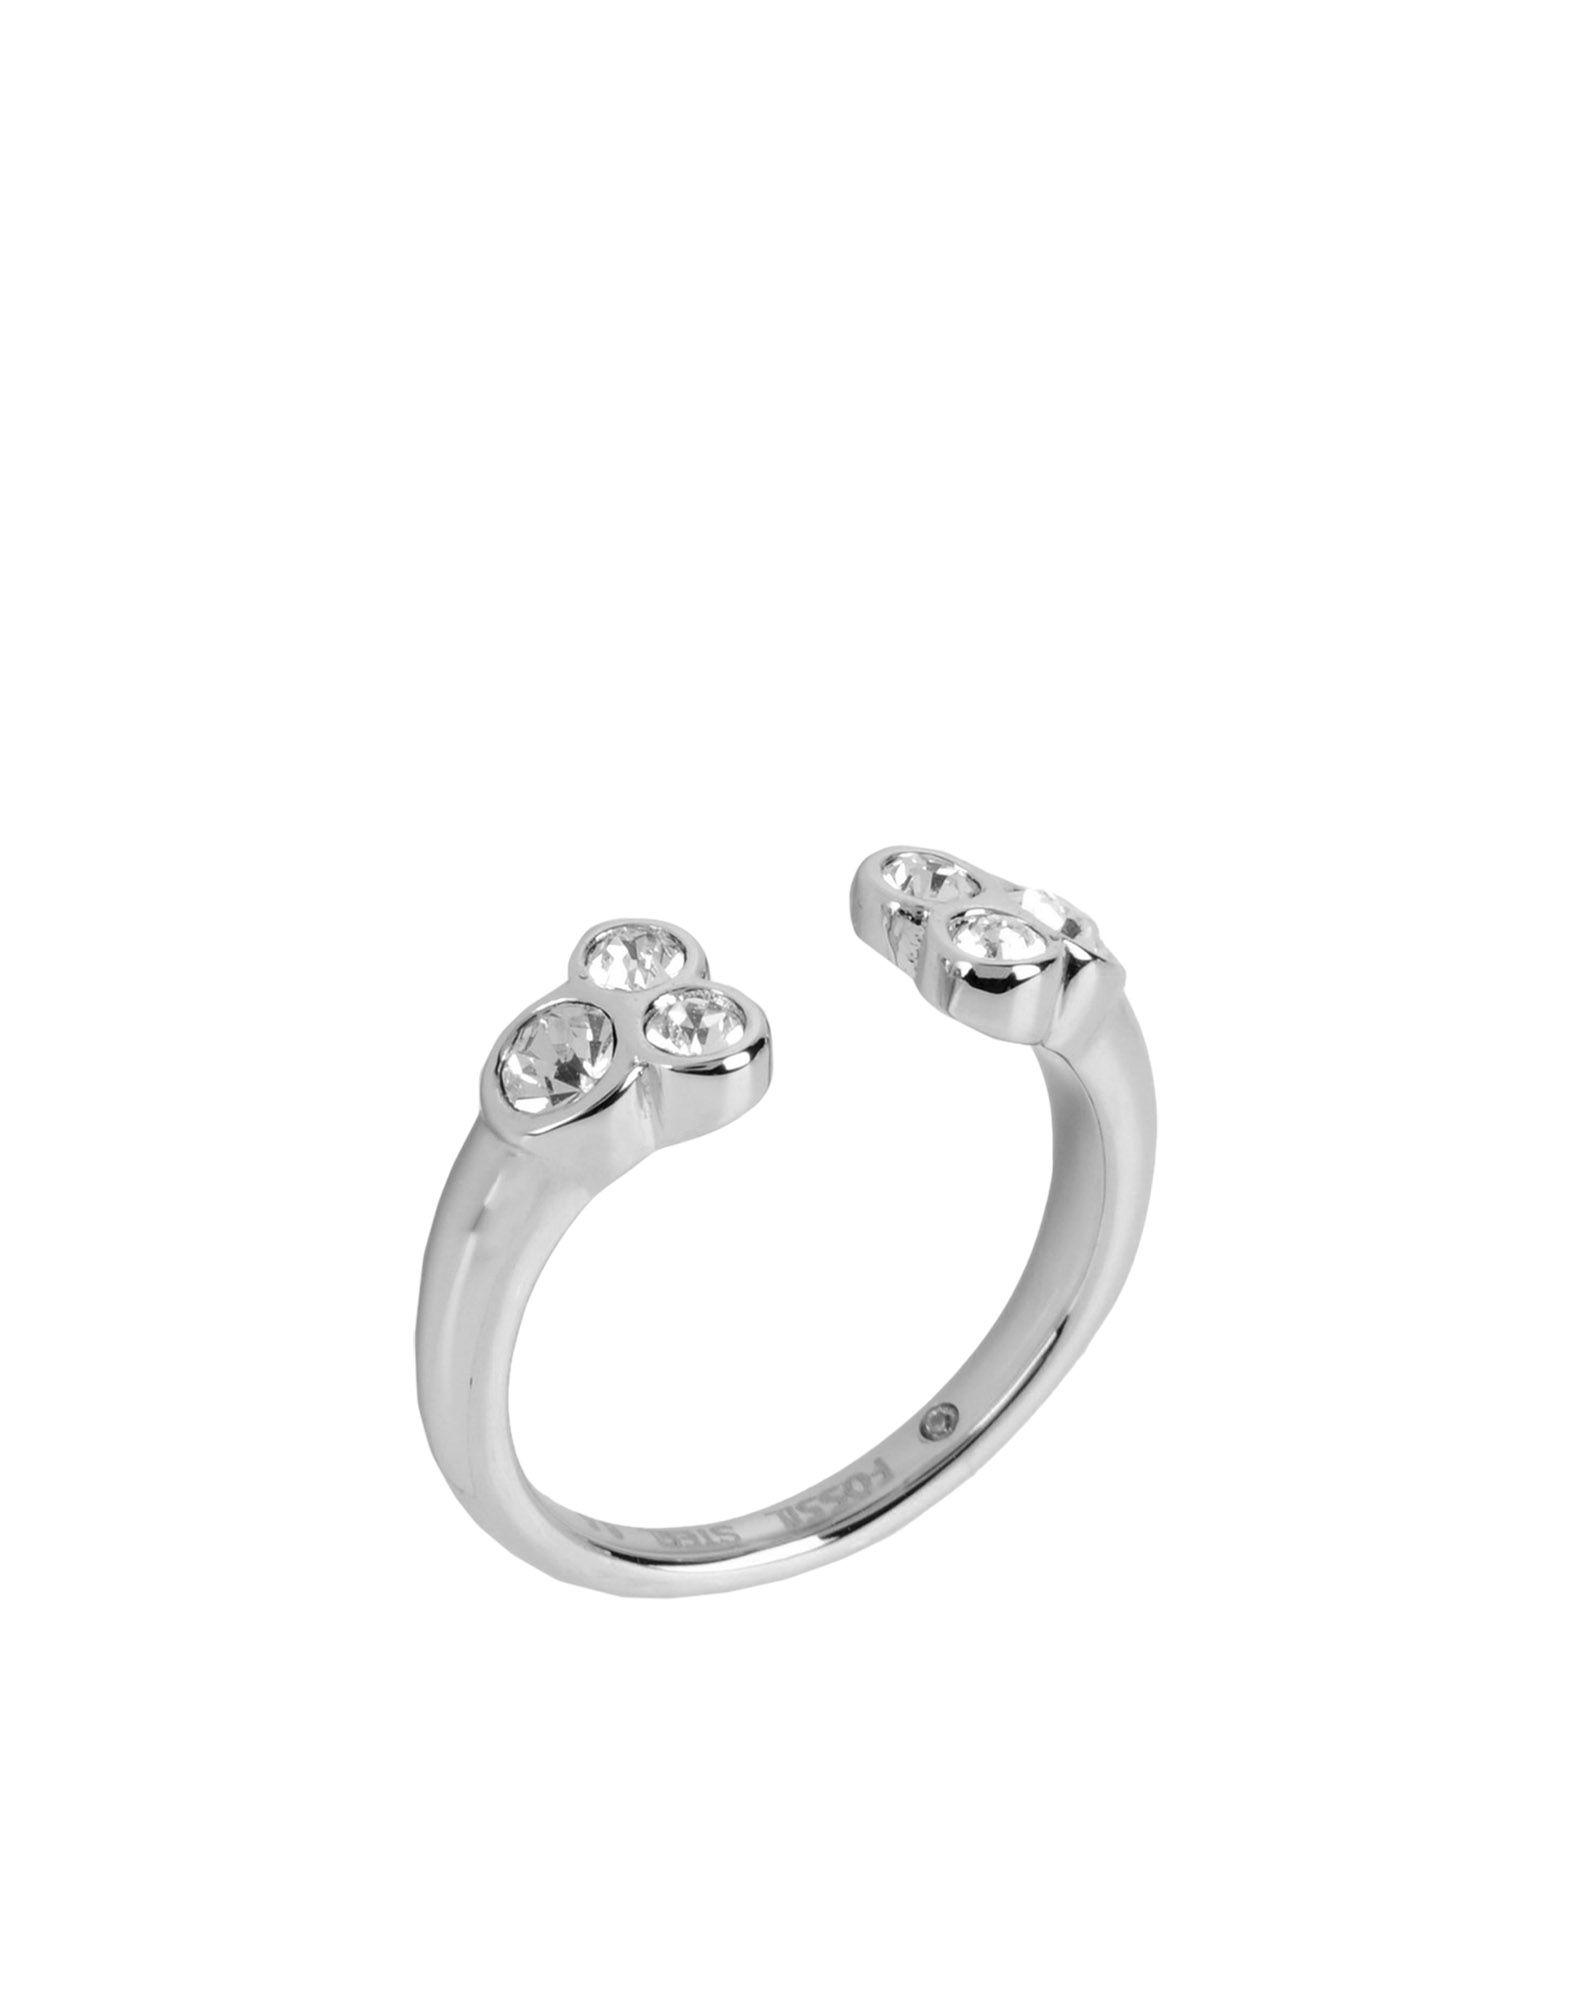 FOSSIL Damen Ring Farbe Silber Größe 1